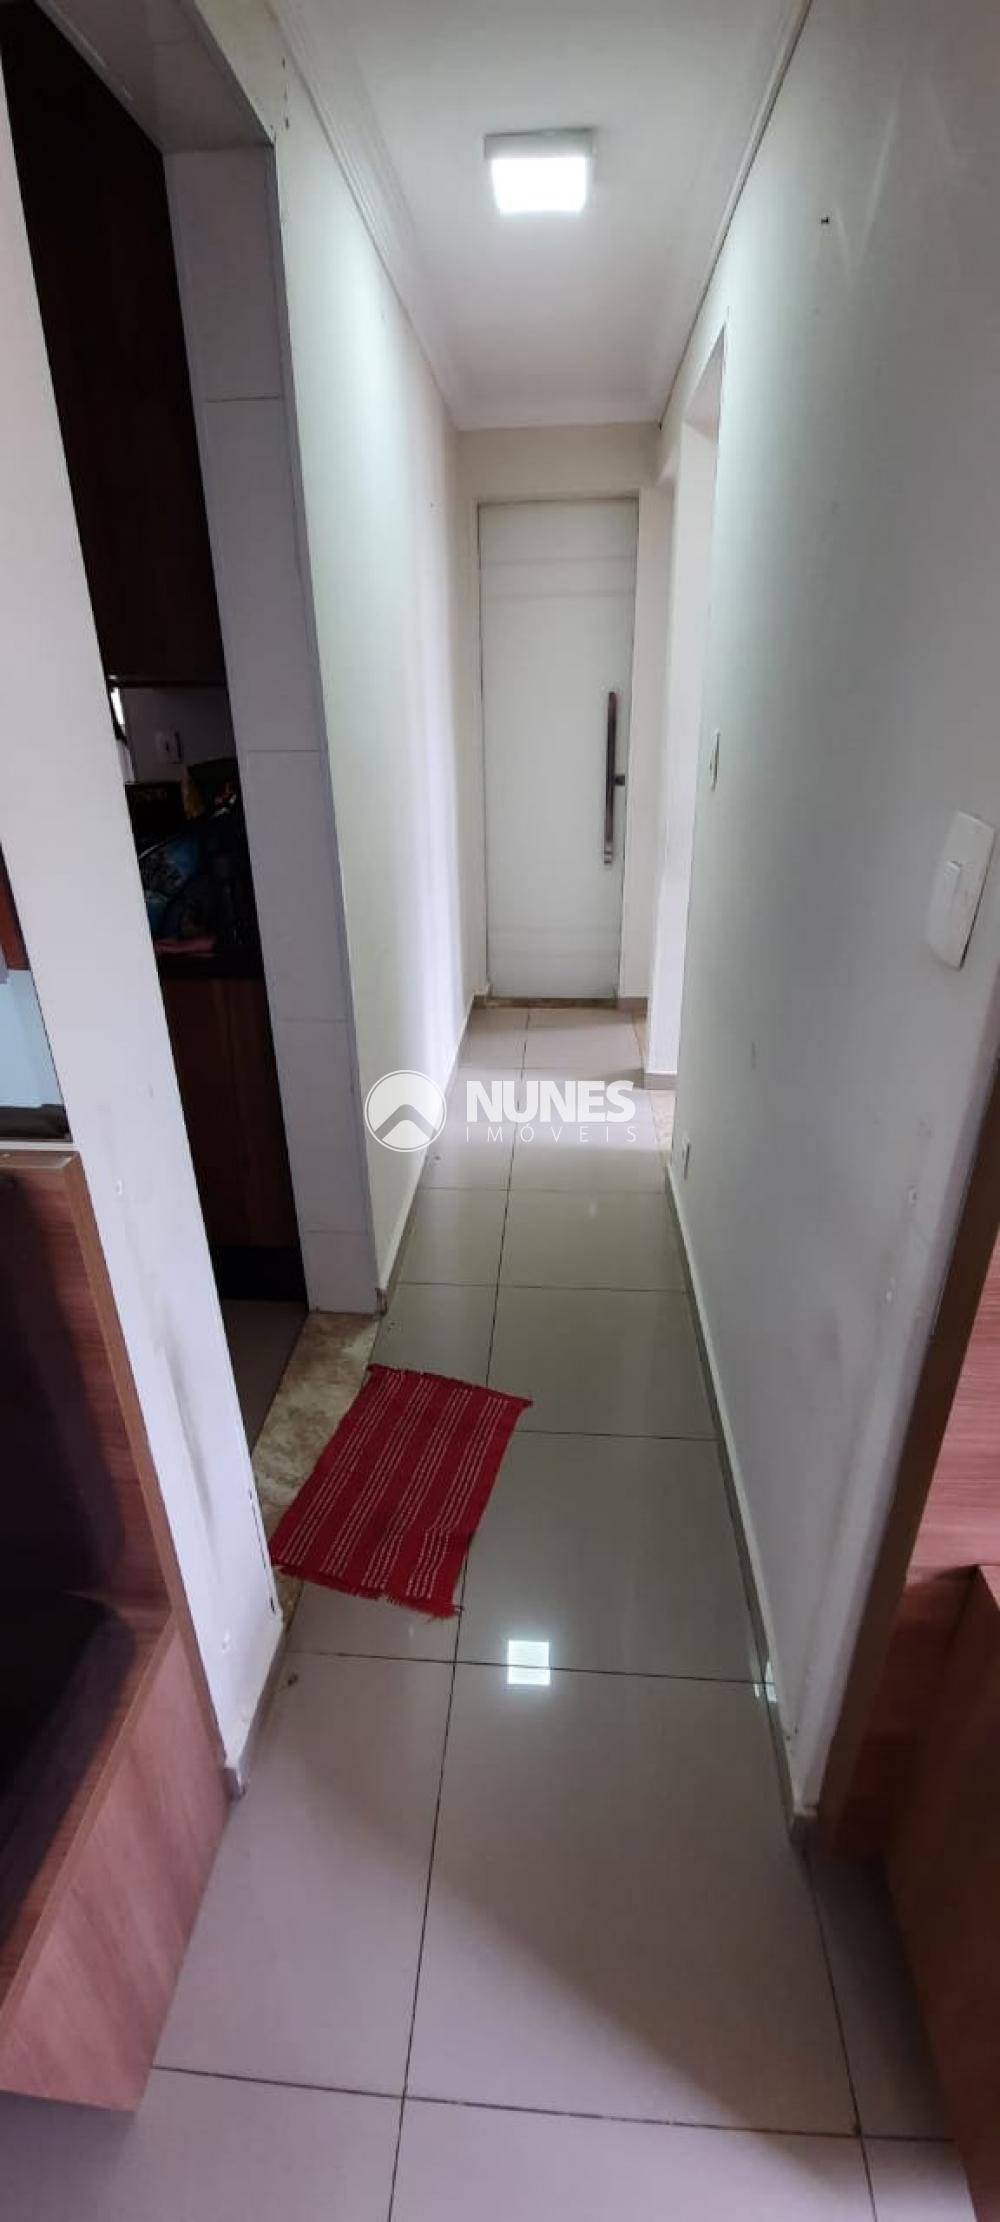 Comprar Apartamento / Padrão em Osasco apenas R$ 195.000,00 - Foto 35